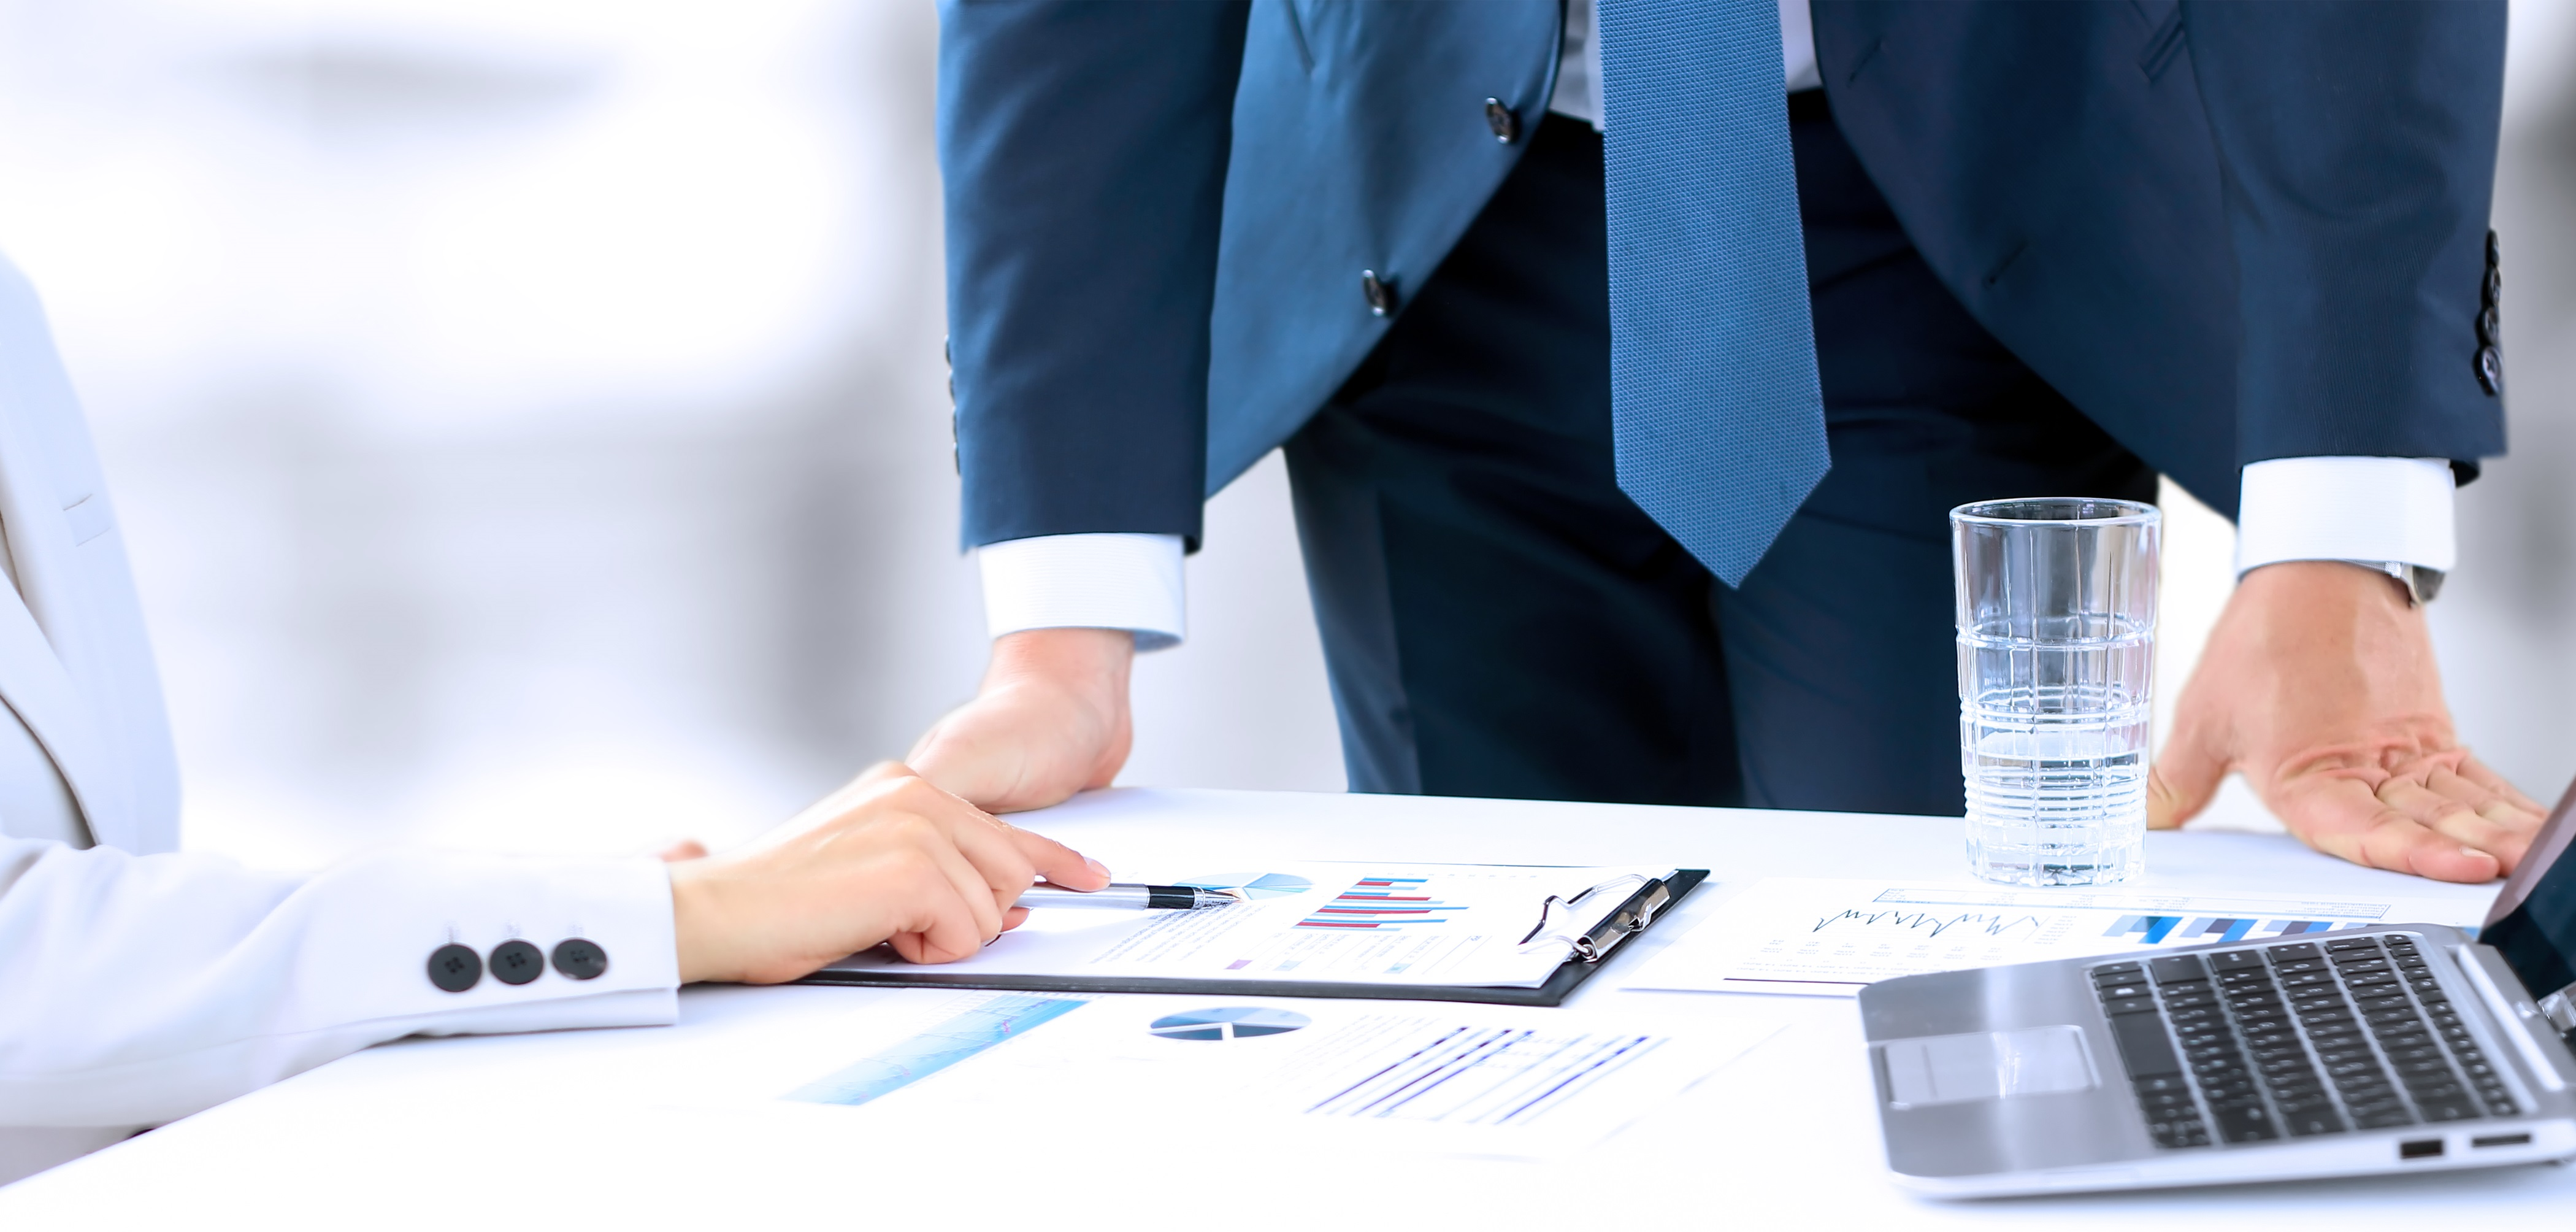 ビジネスマン 会社 企業 契約 取引 管理